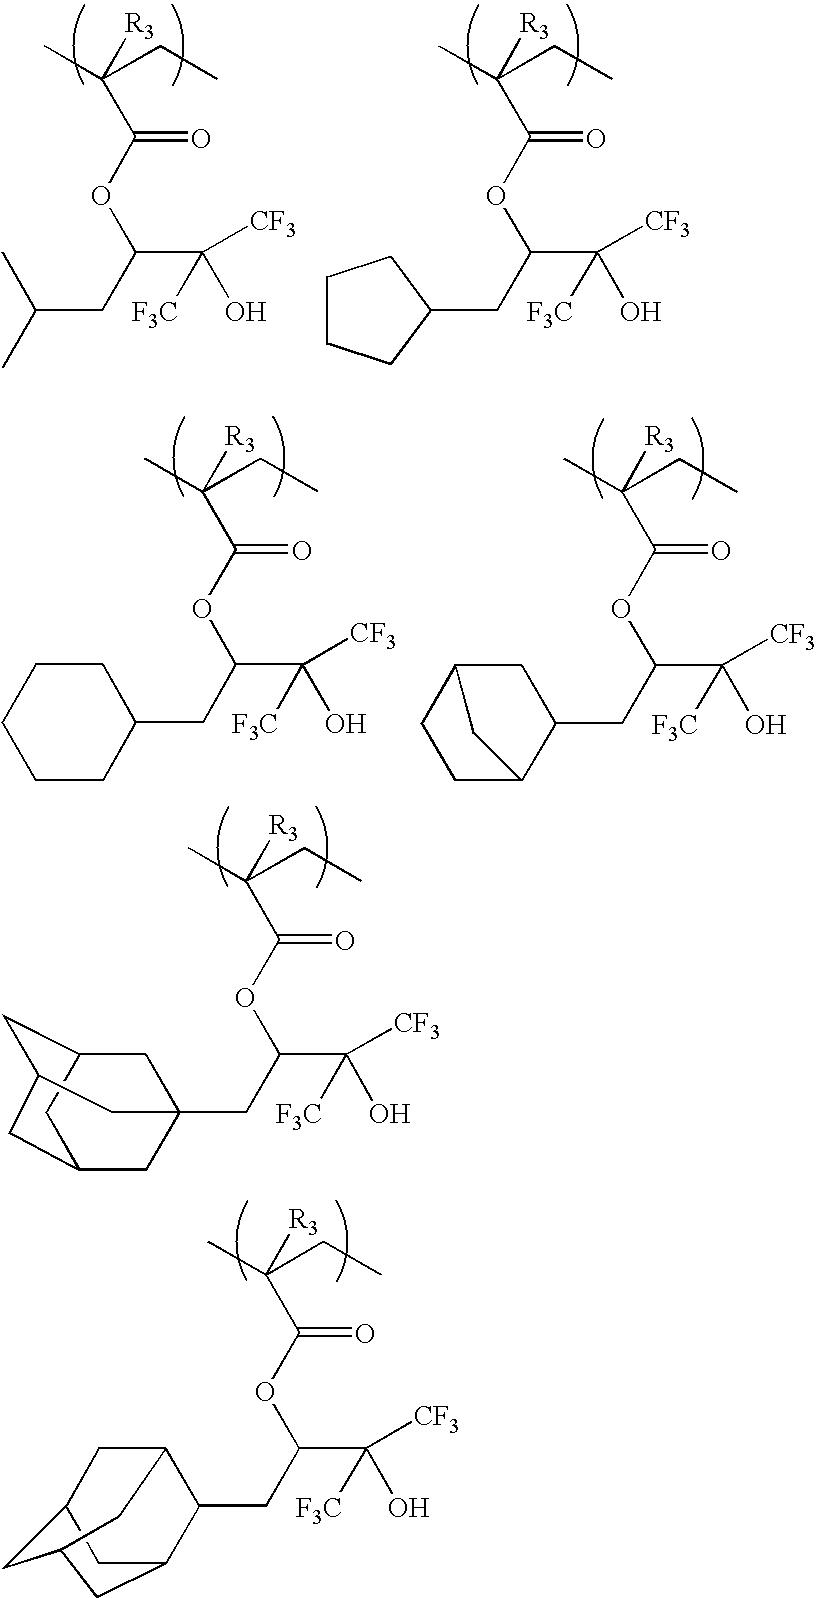 Figure US20070231738A1-20071004-C00007